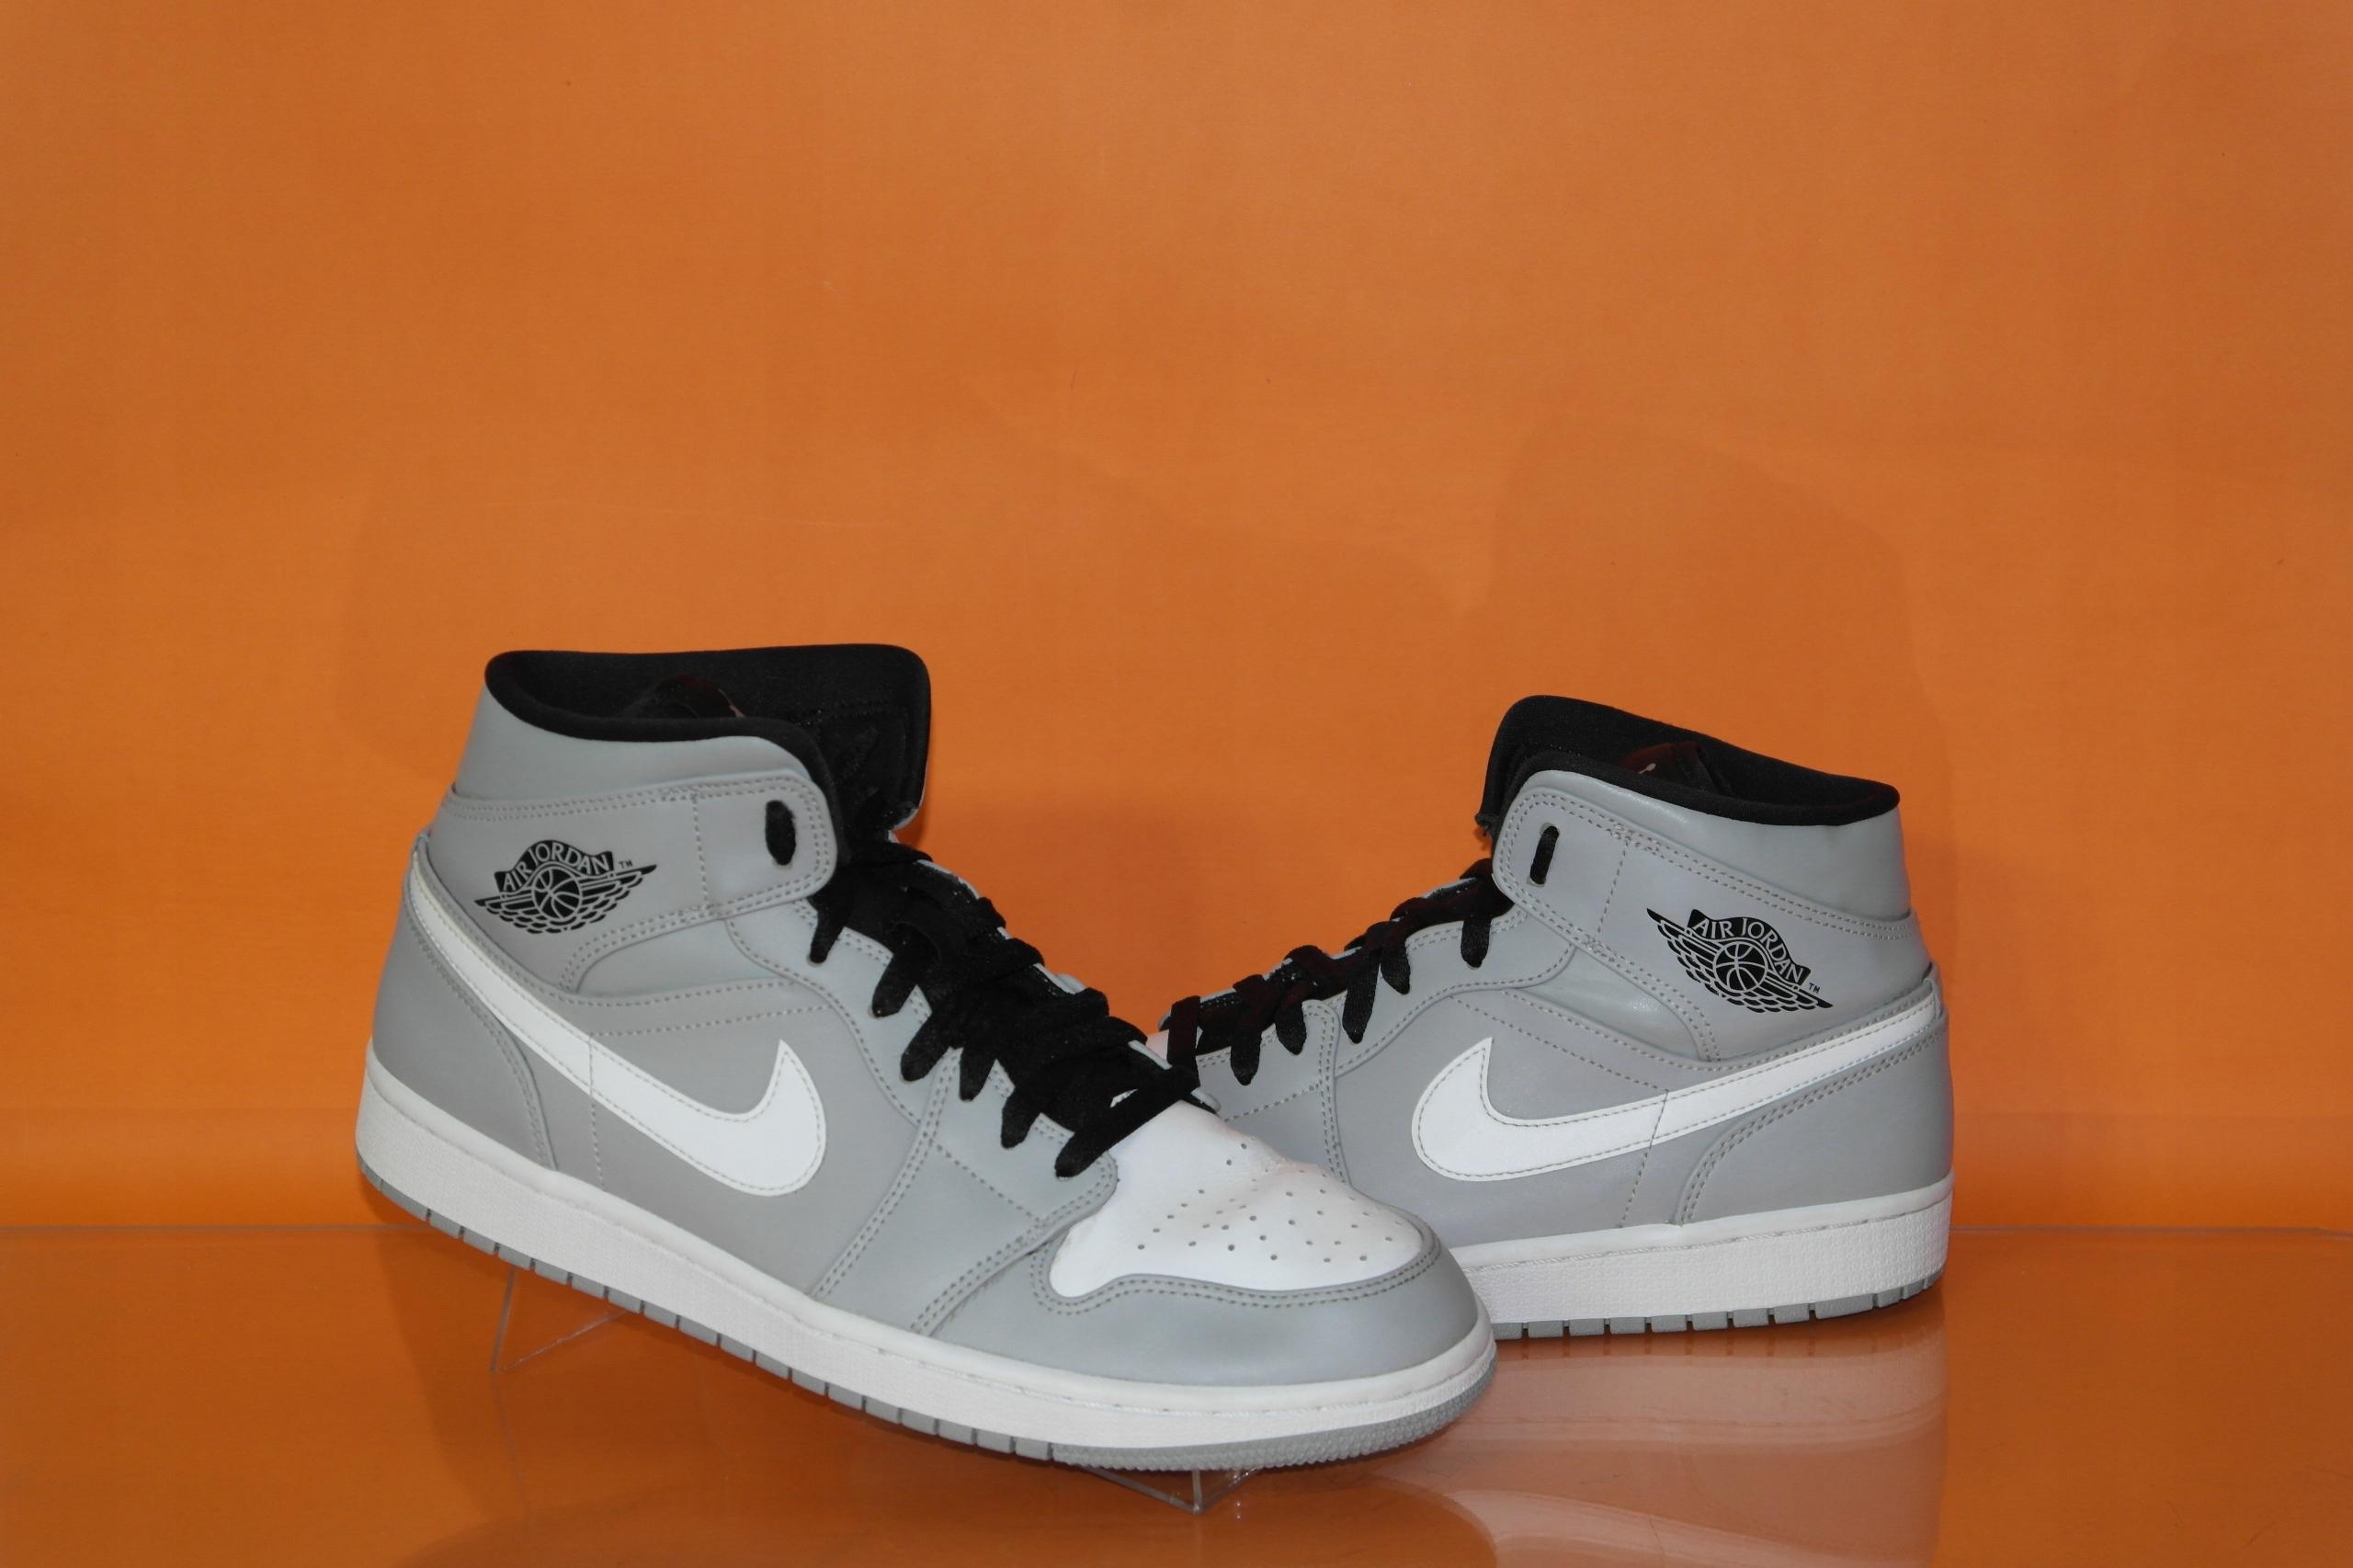 Buty Męskie Sportowe Nike Air Jordan 1 MID r. 44 Zdjęcie